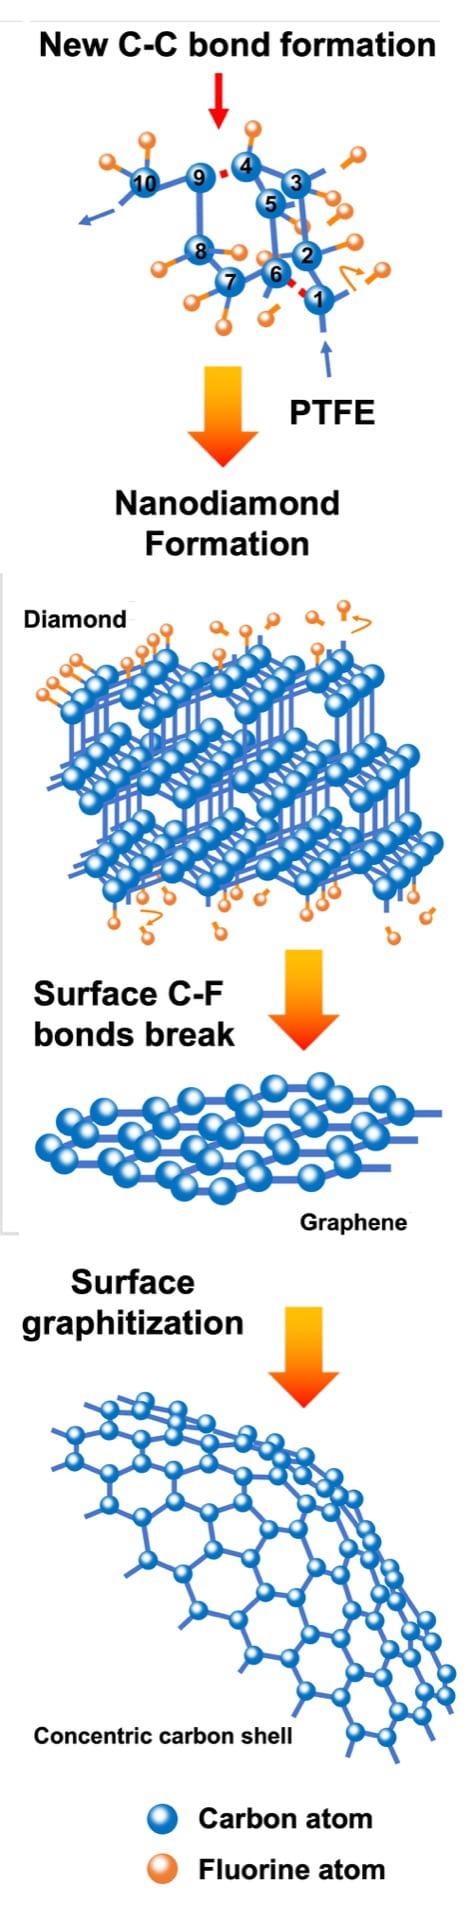 新工艺制造出氟化纳米金刚石、石墨烯和同心碳